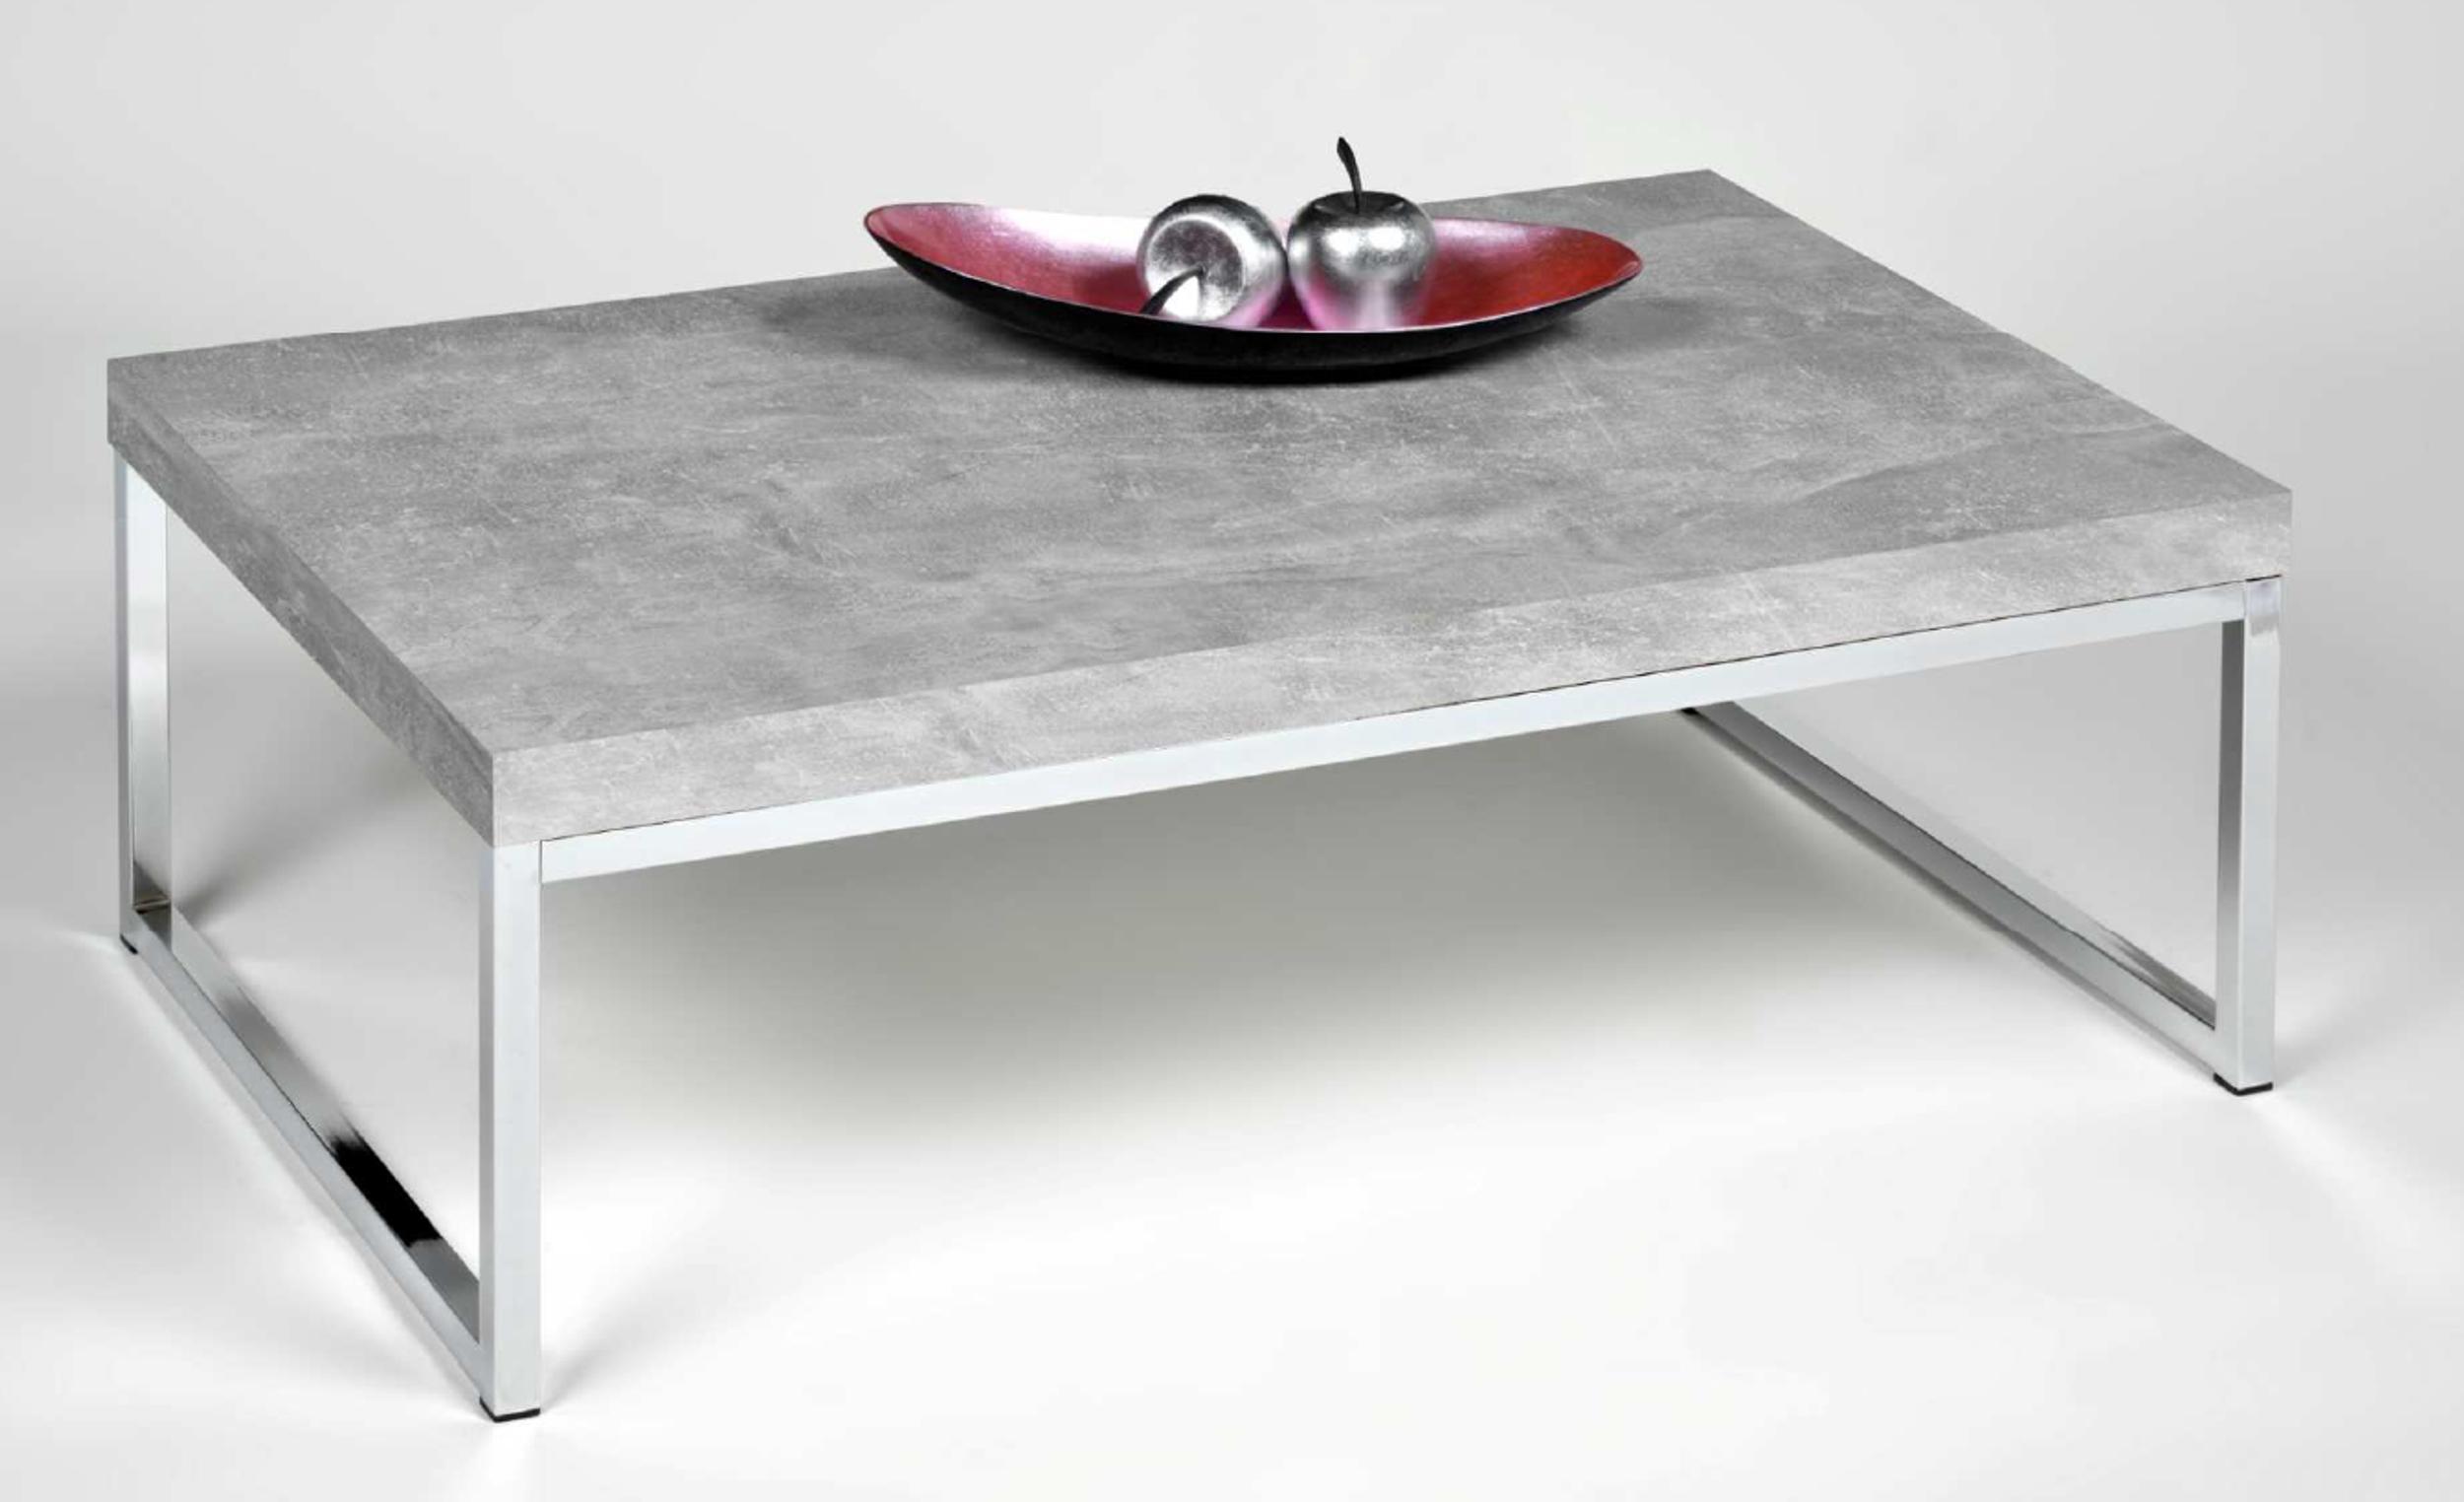 Wohnzimmer Couchtisch Sofatisch Beistelltisch Tisch Couch Beton